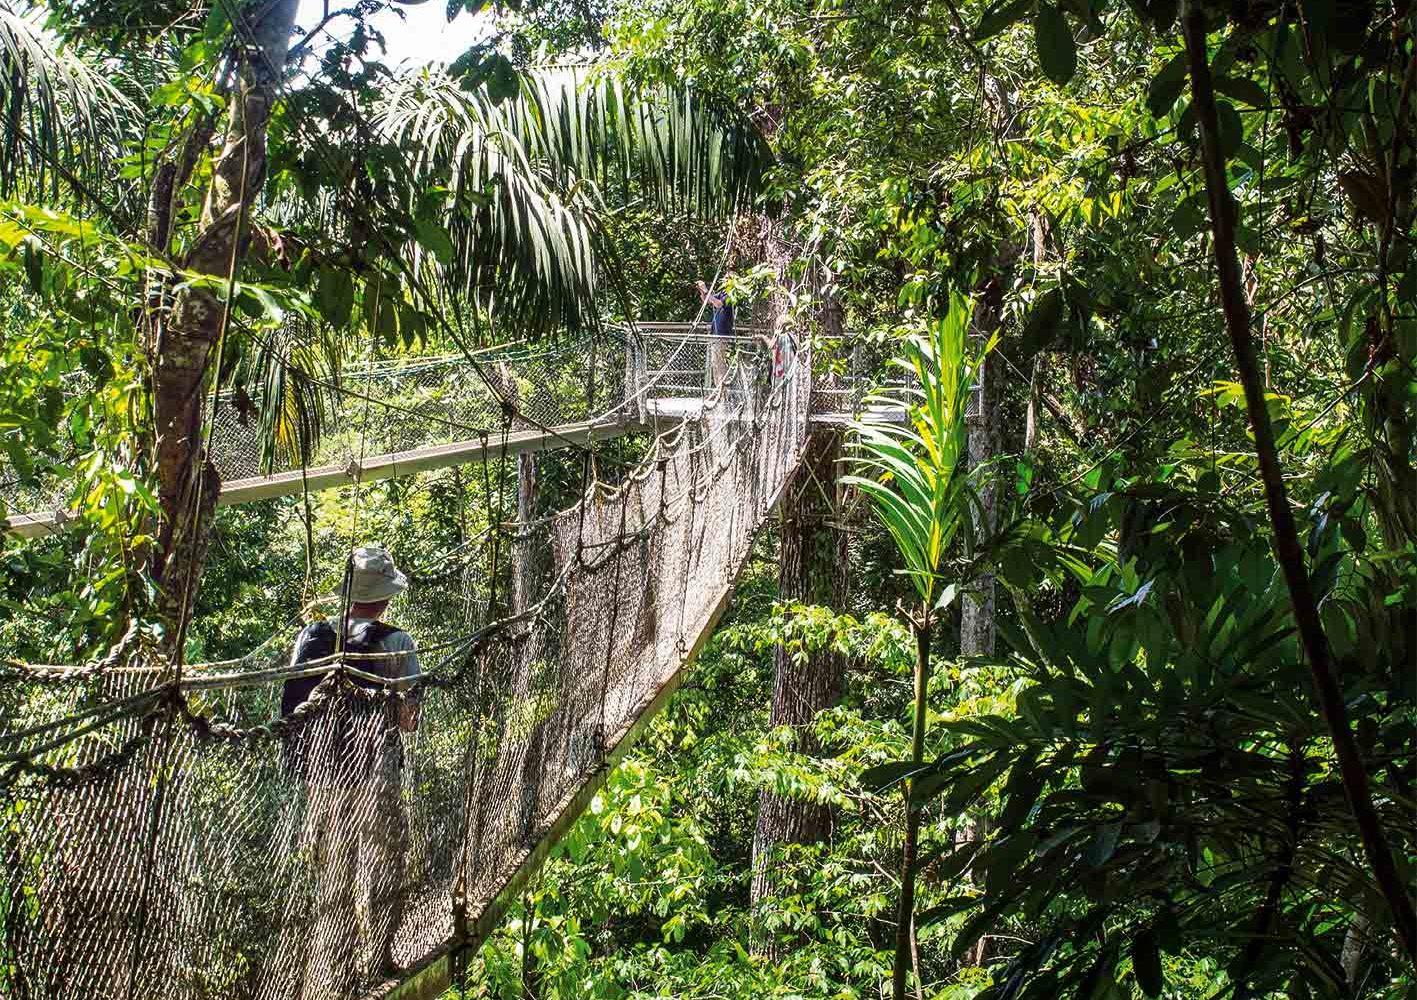 Guyana: Auf dem Canopy Walkway den Urwald aus einer anderen Perspektive erleben.